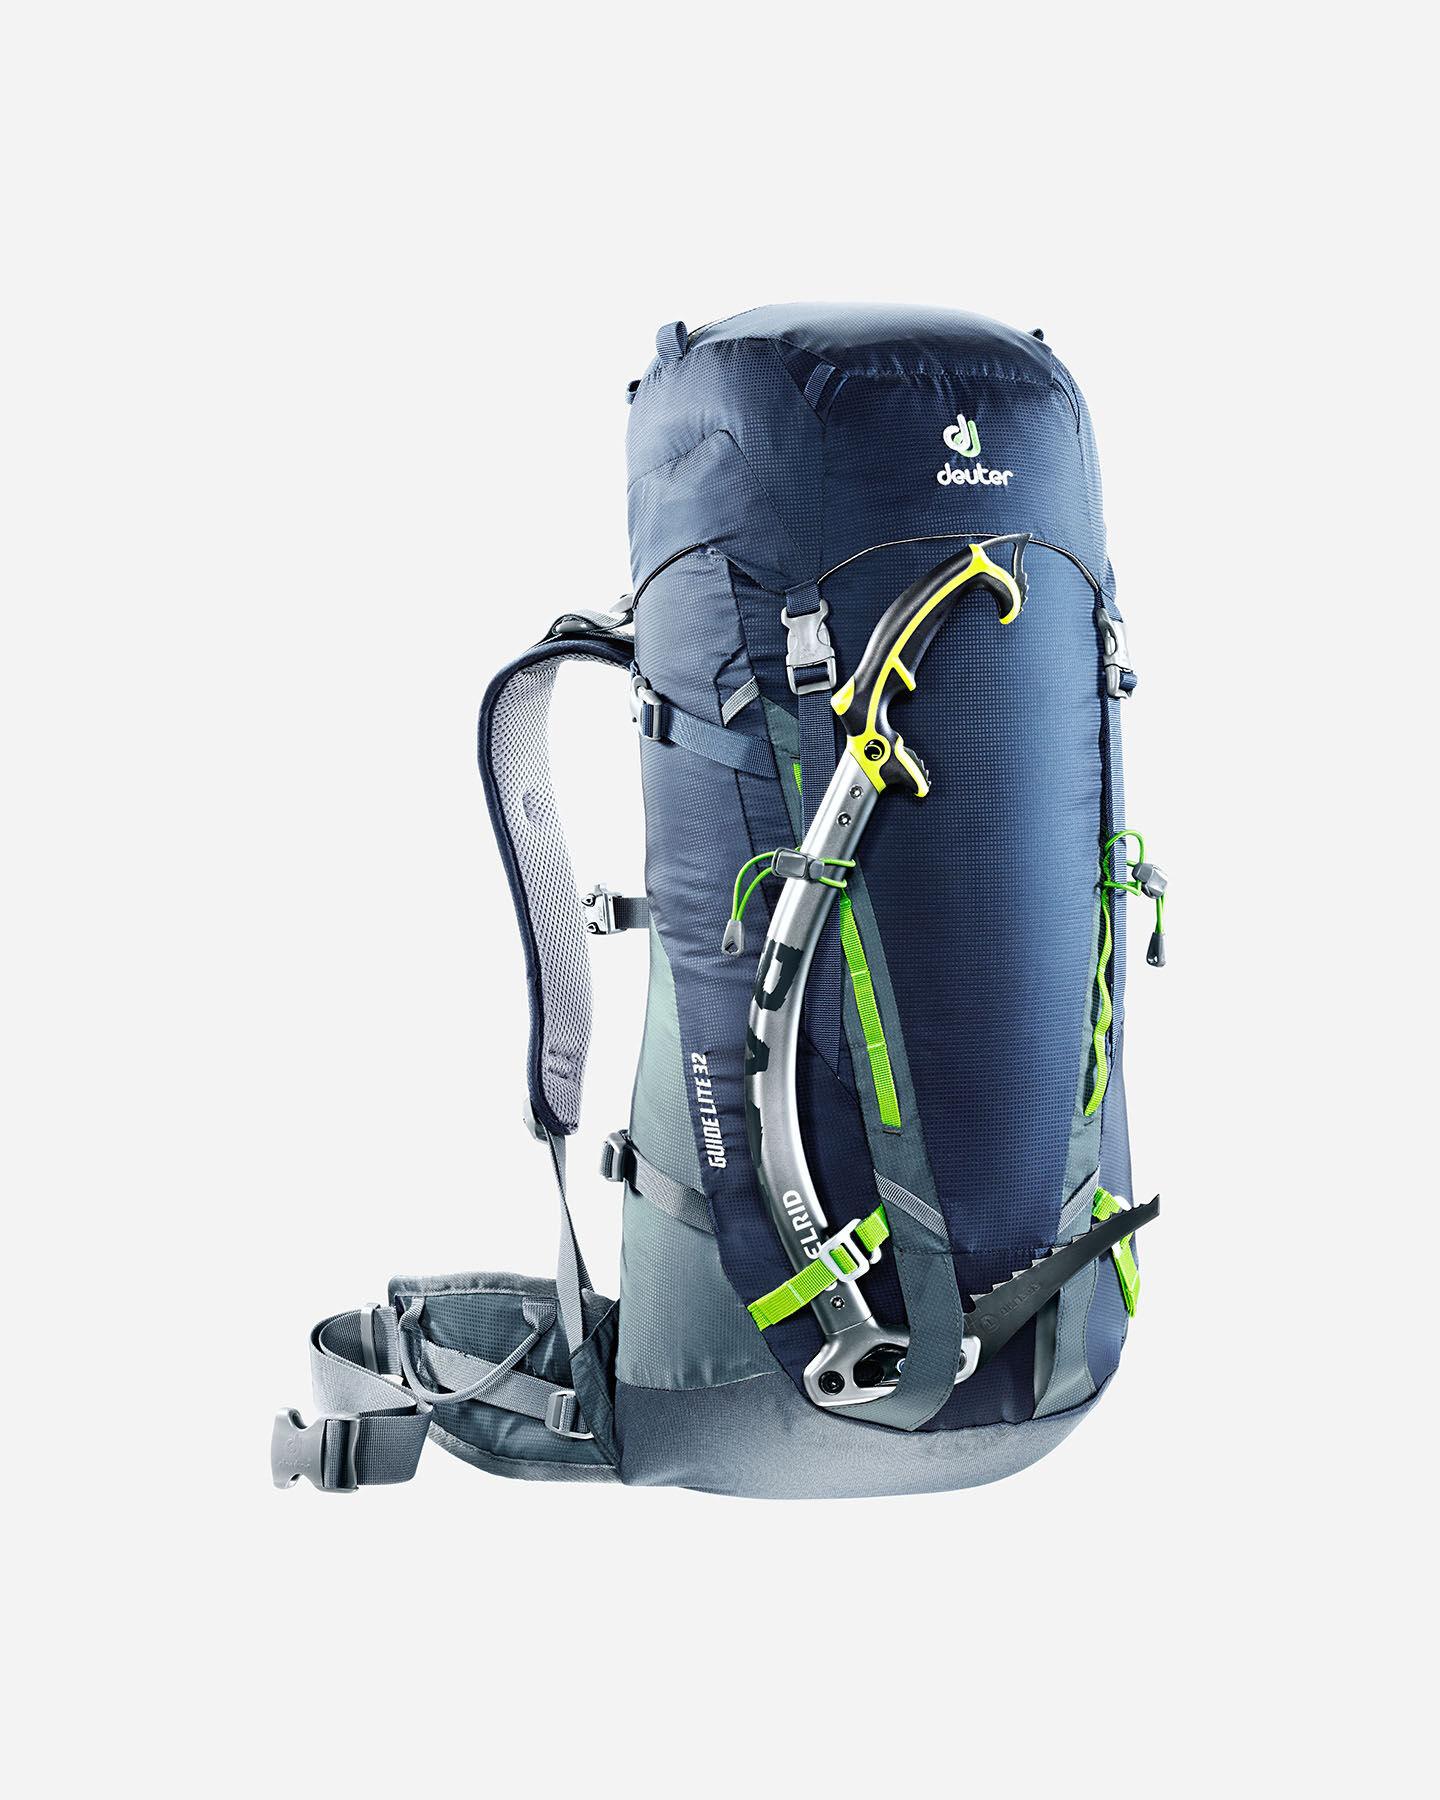 Zaino alpinismo DEUTER GUIDE LITE 32 S4012945 3400 UNI scatto 3